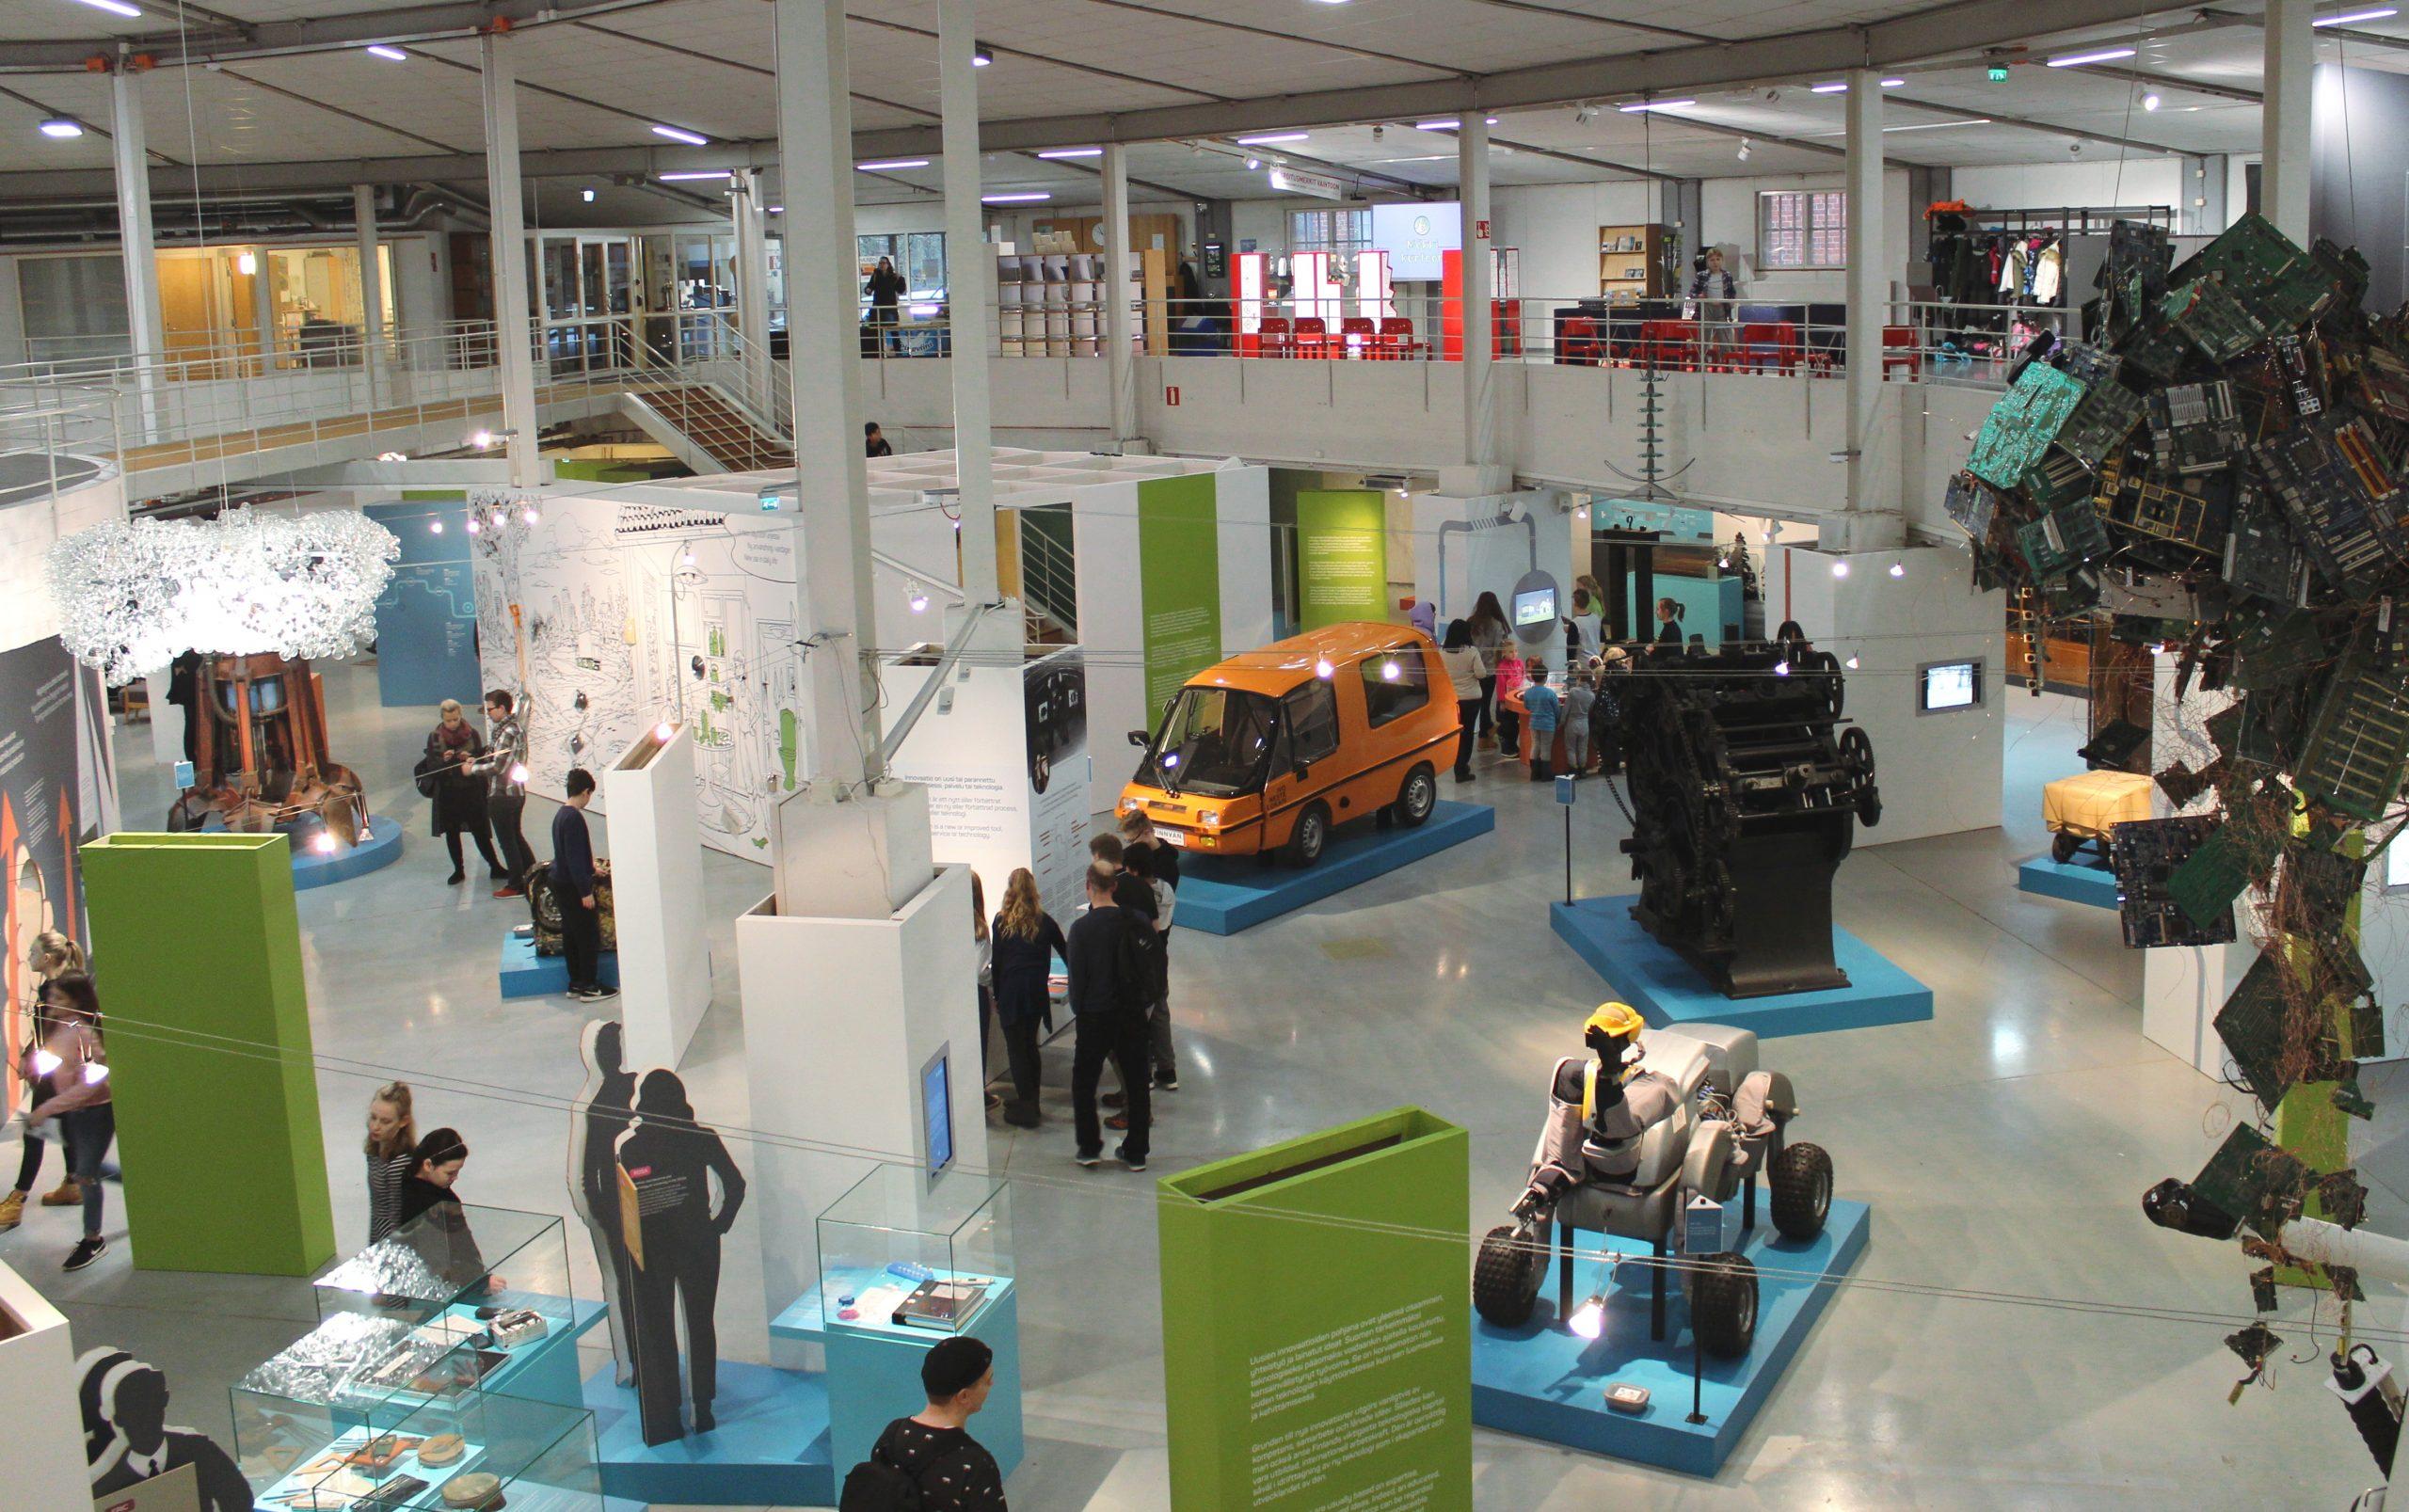 Tekniikan museon näyttelytiloja